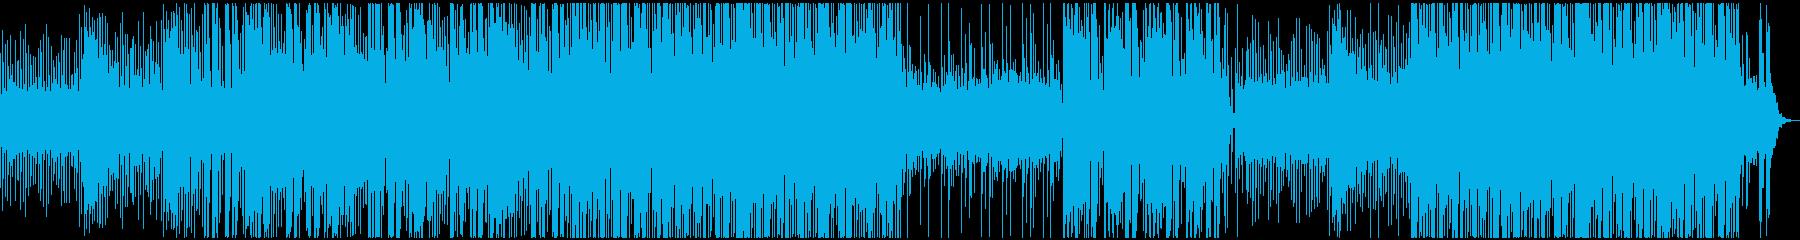 ミッドテンポ、デジタルサウンド、ク...の再生済みの波形